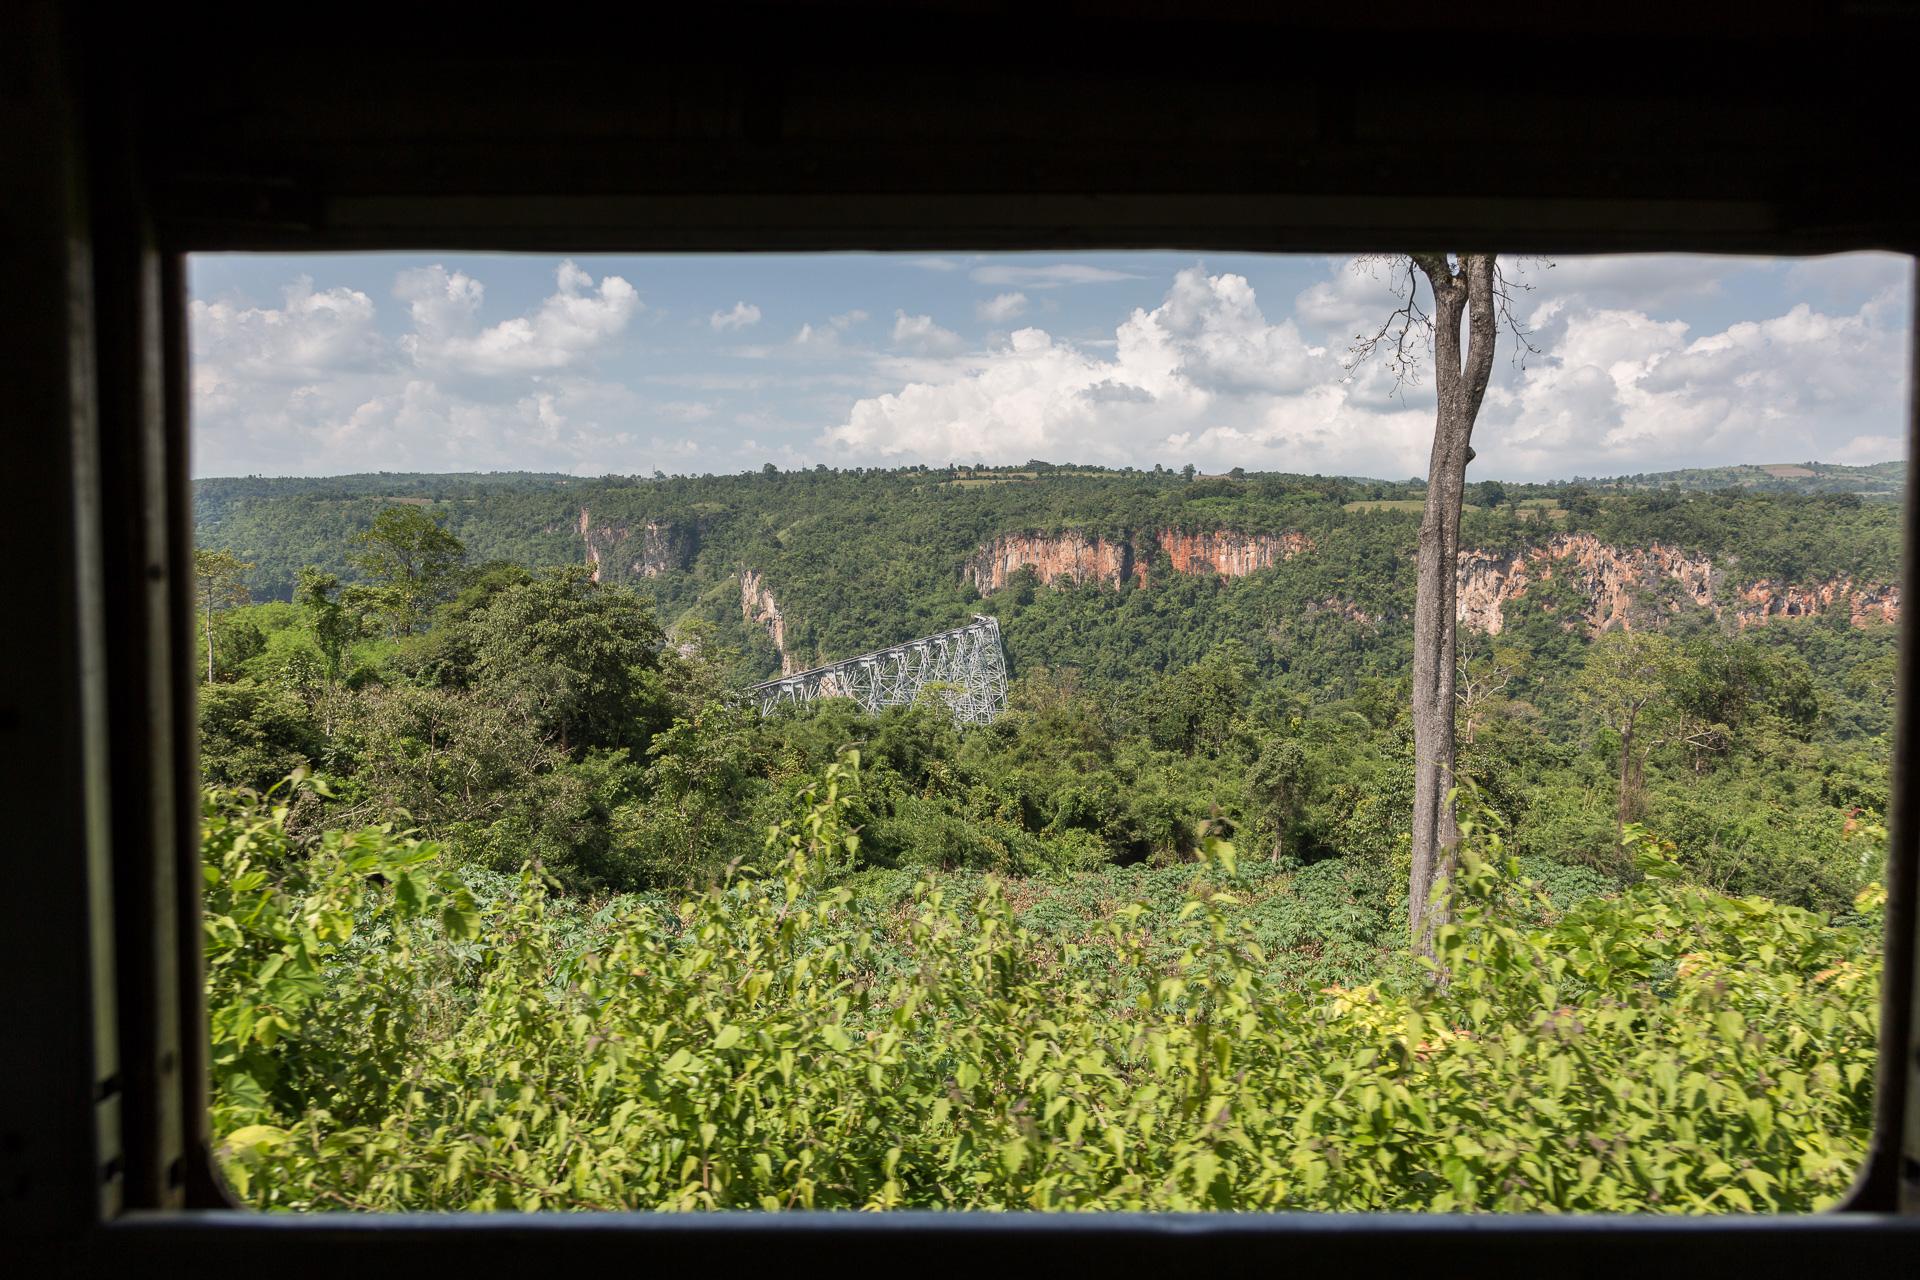 myanmar-reportage-wisckow-042.jpg